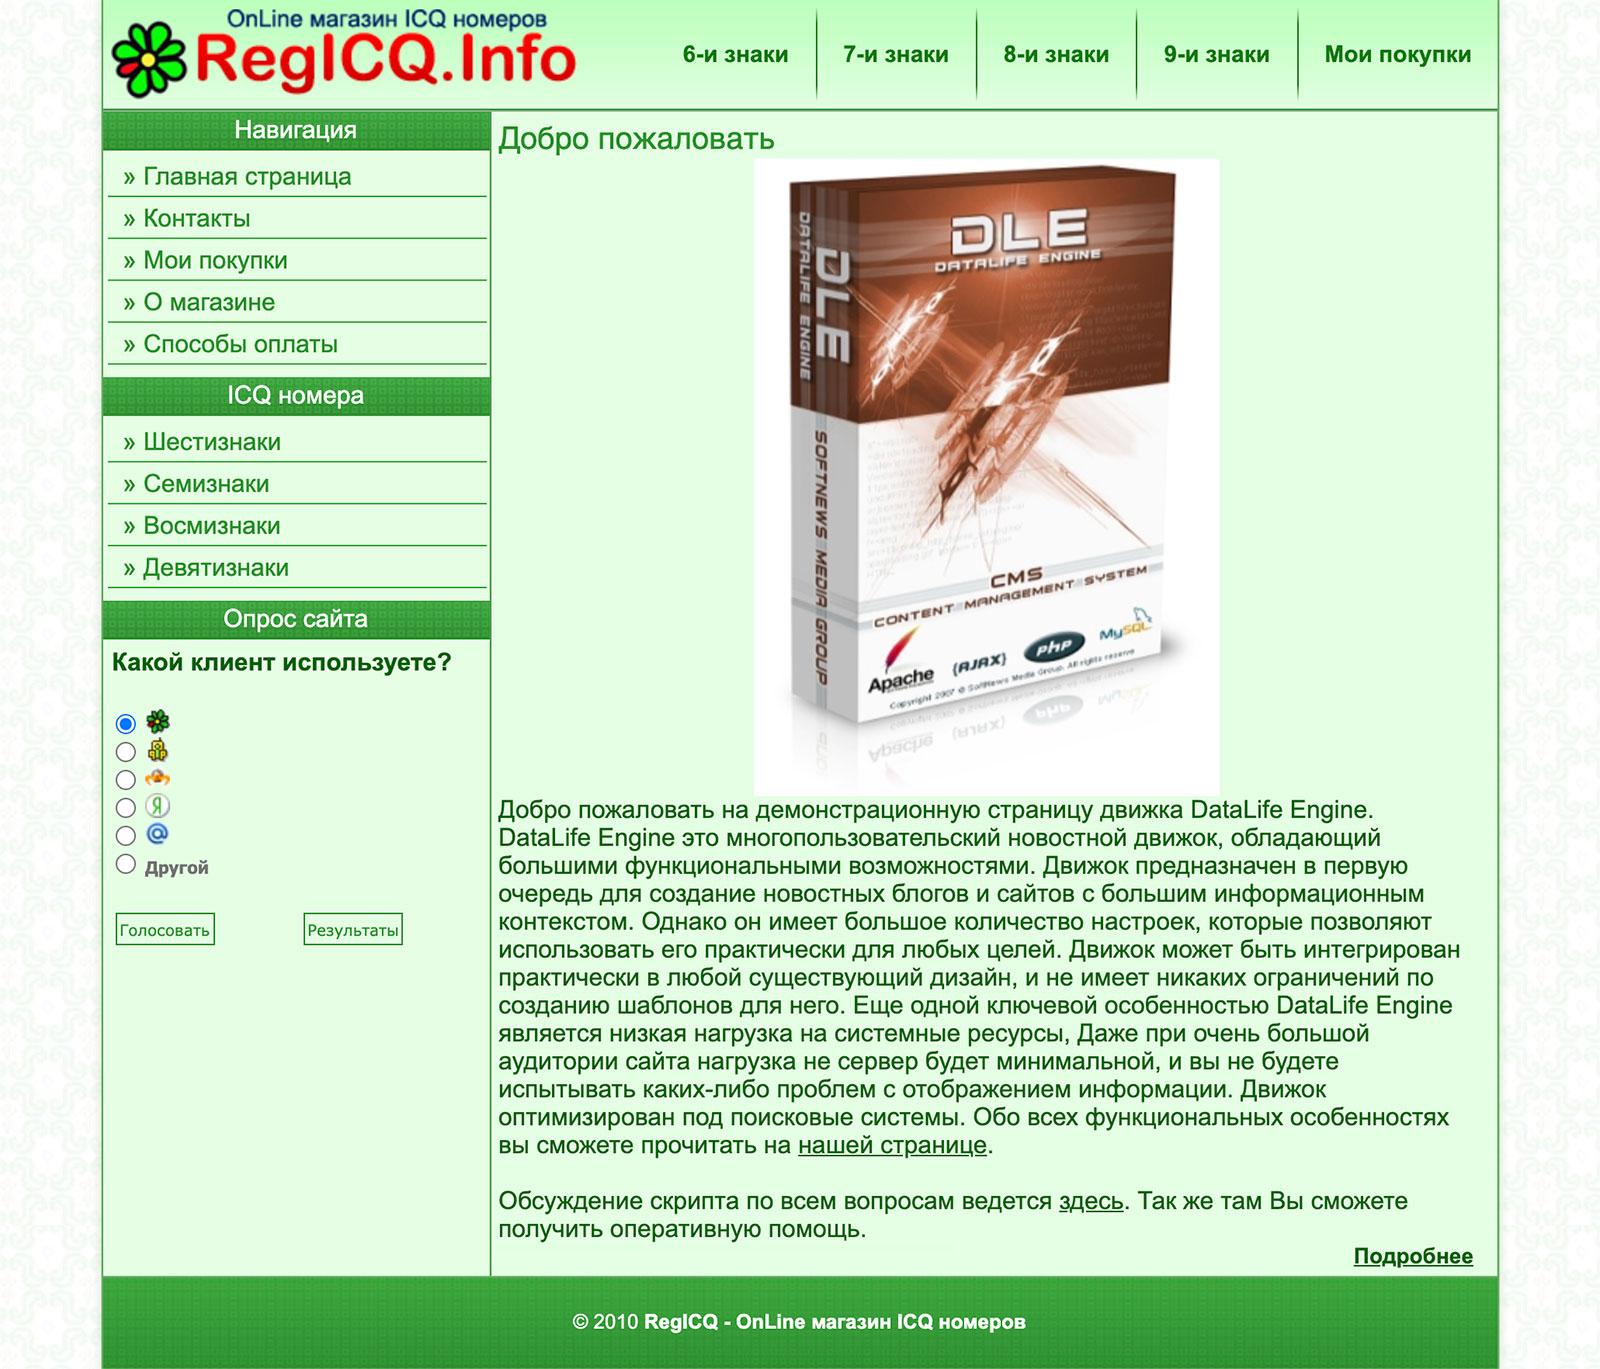 Дизайн сайта RegICQ (Макет + свёрстанный шаблон) купить